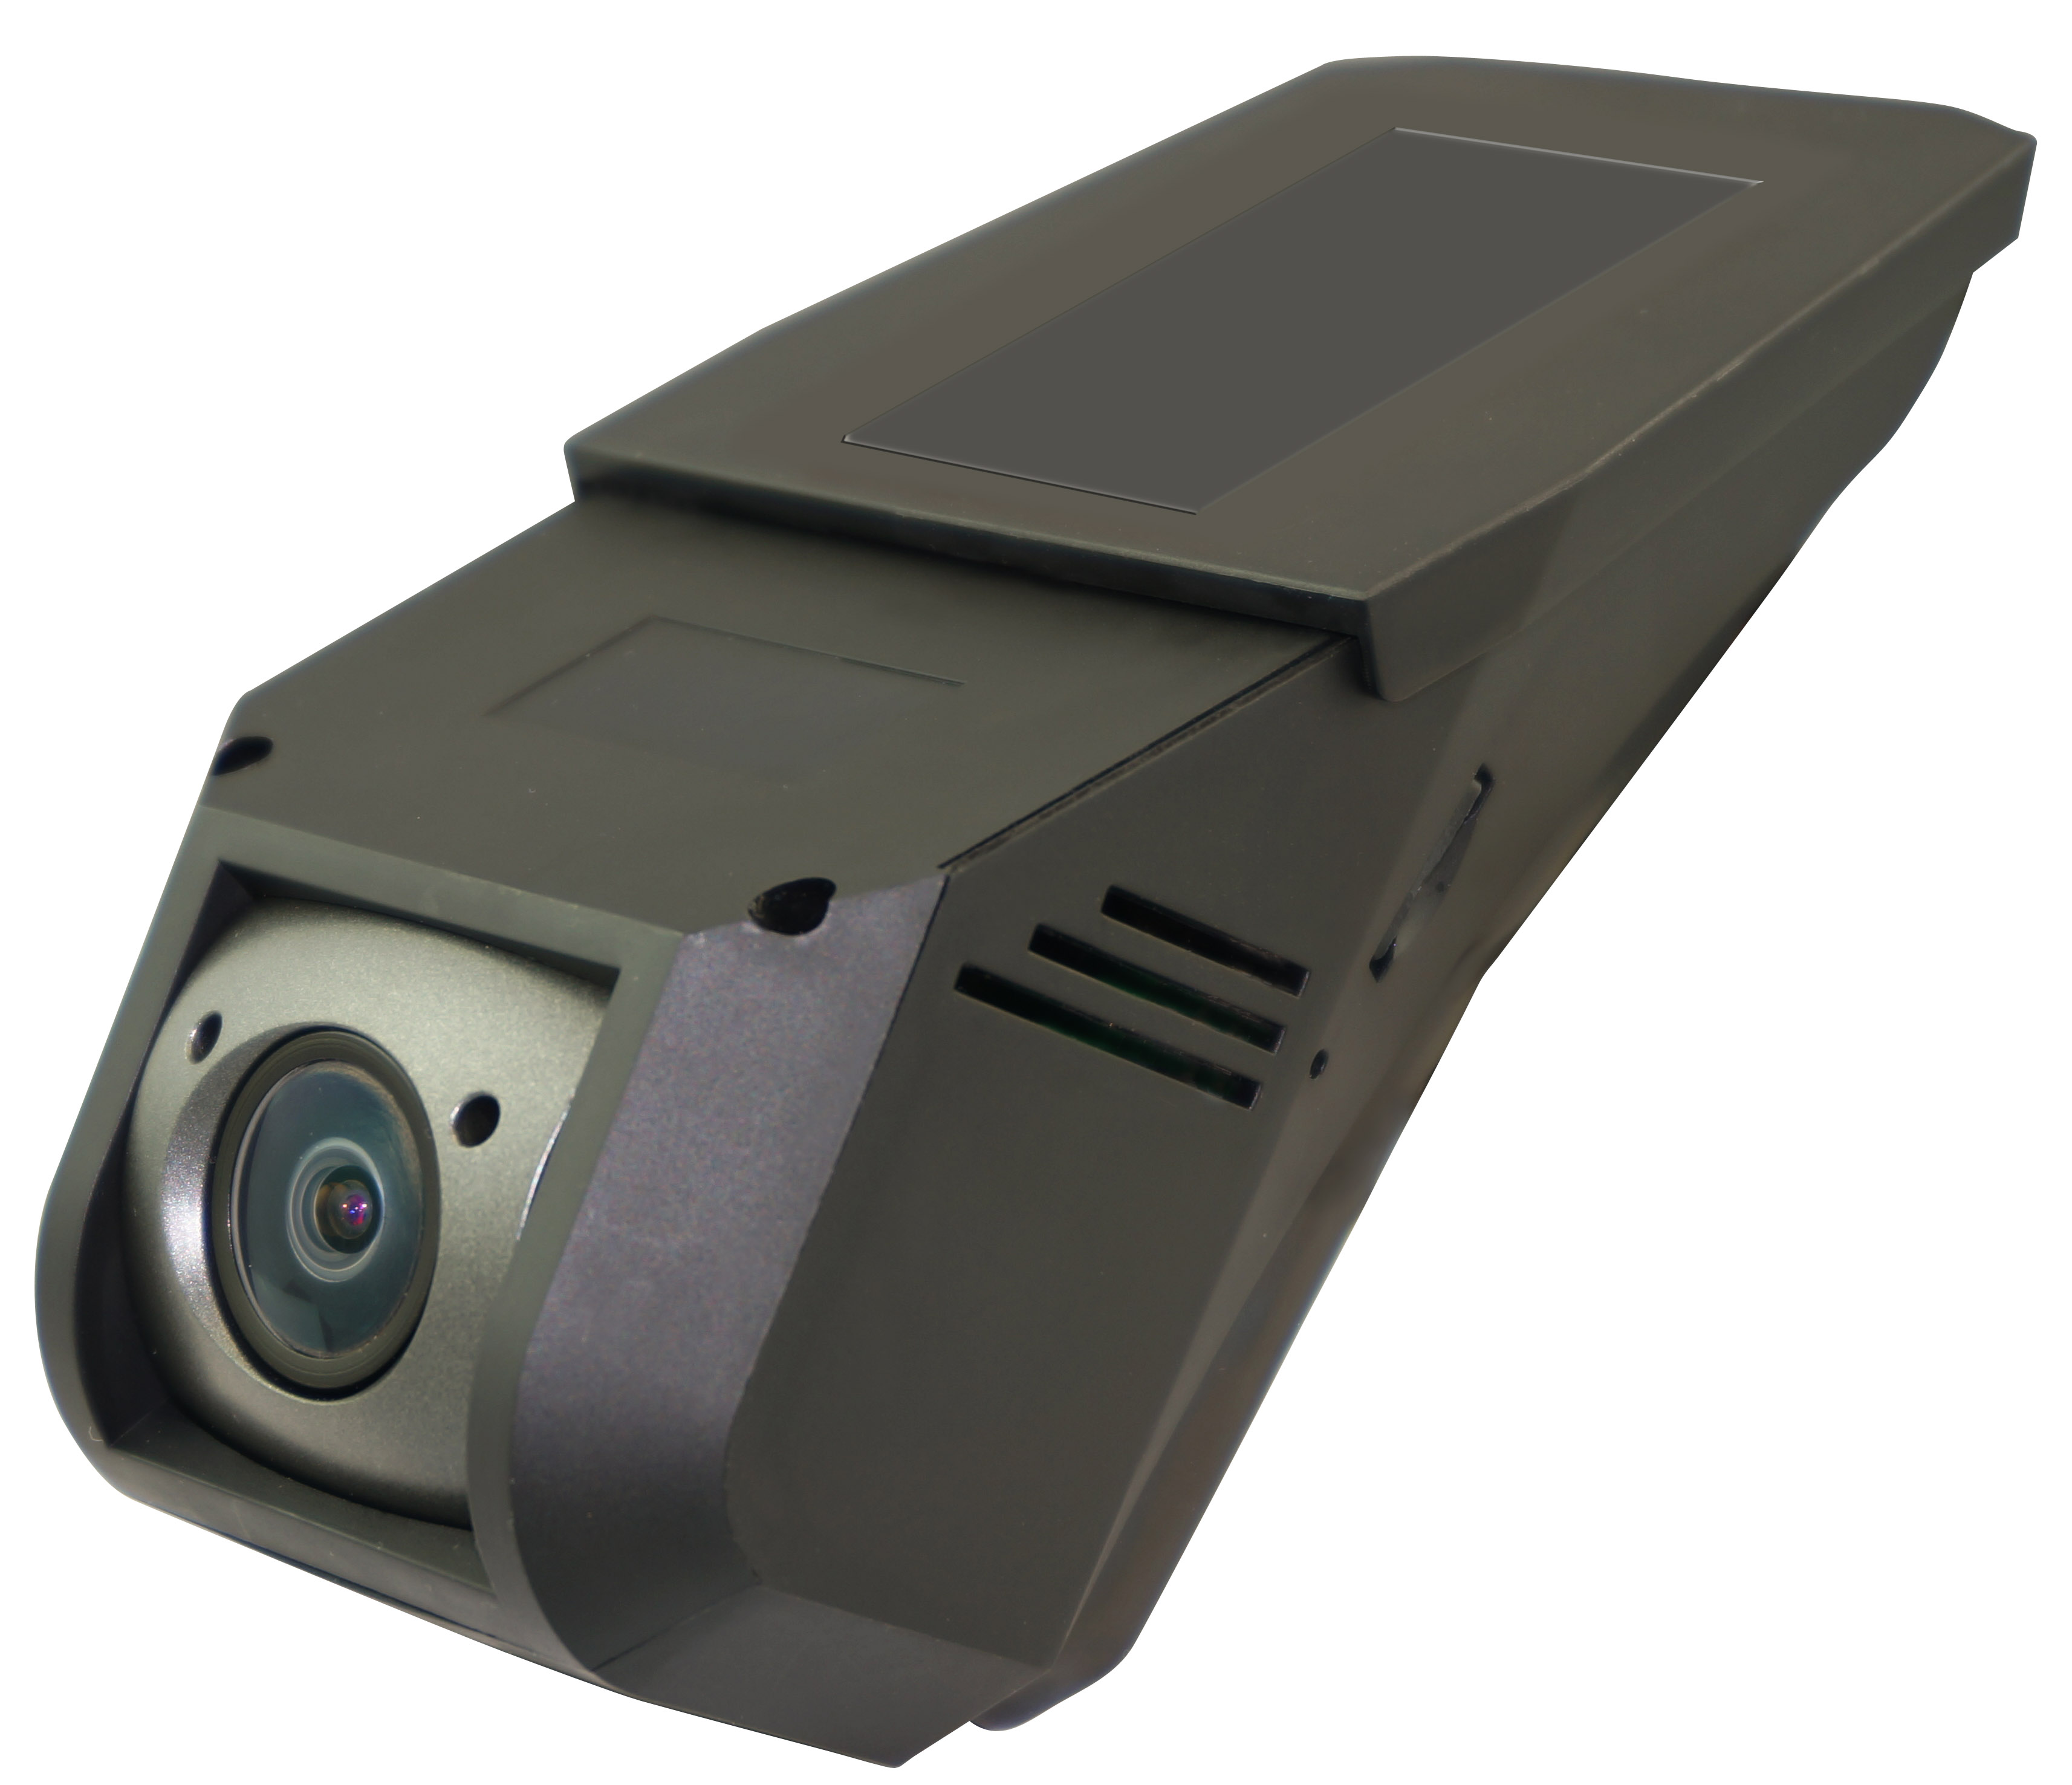 Видеорегистратор скрытой установки Redpower CatFish GPS dhl ems 5 lots om ron c500 ps221 3g2a5 ps221 cpu power unit a1